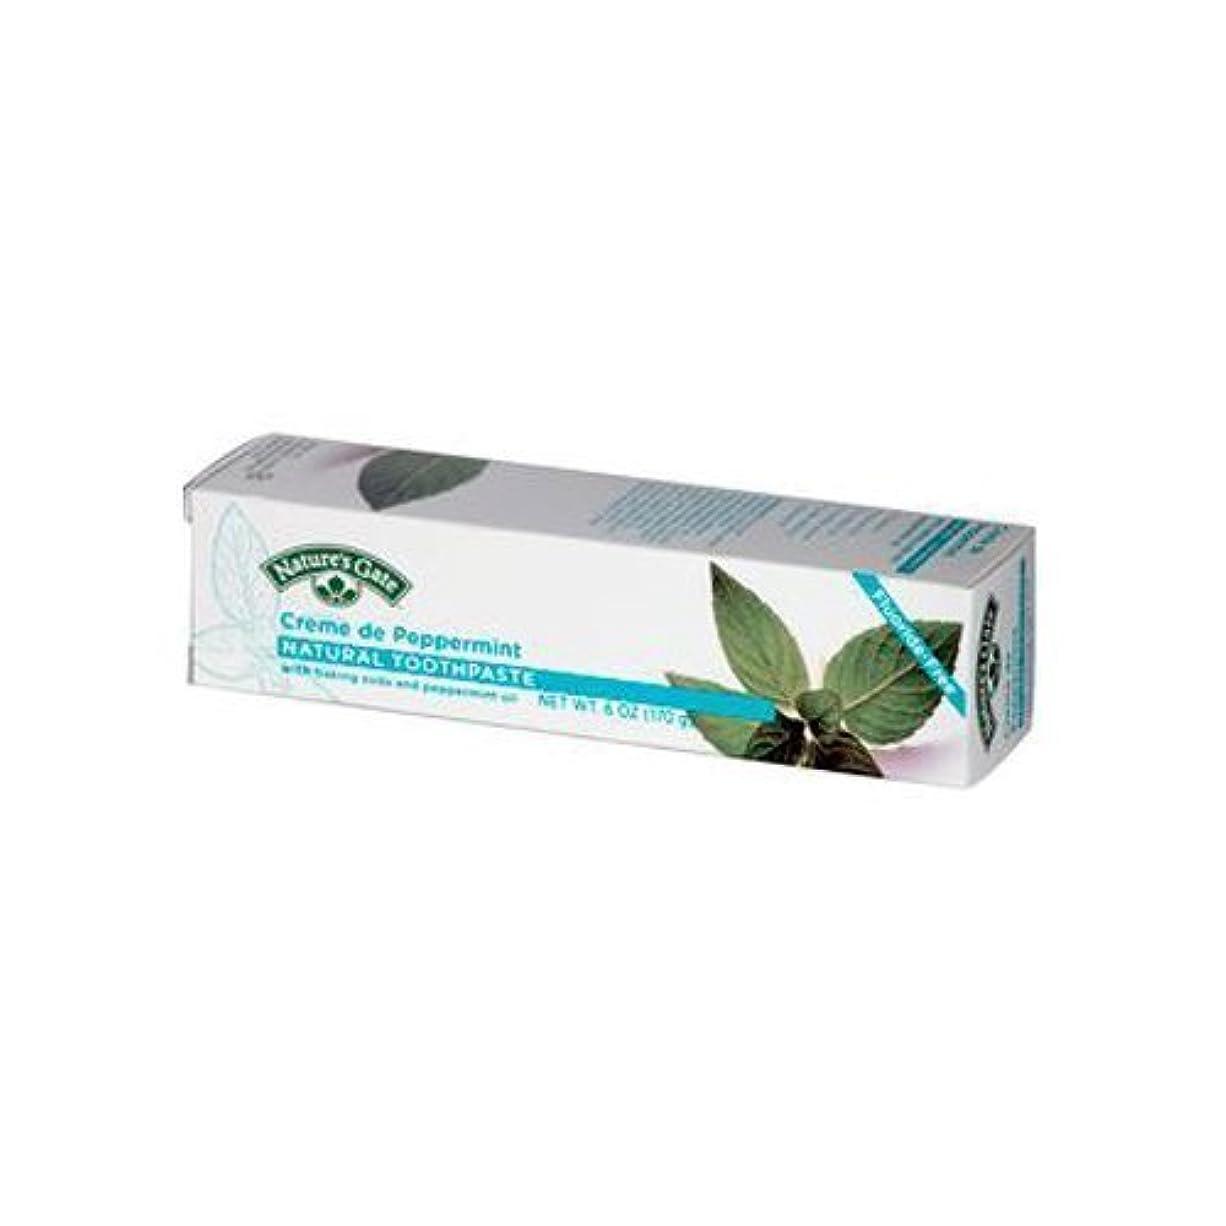 ピアース拒否罪人Natures Gate Natural Toothpaste Cr?me De Peppermint - 6 oz - Case of 6 by NATURE'S GATE [並行輸入品]